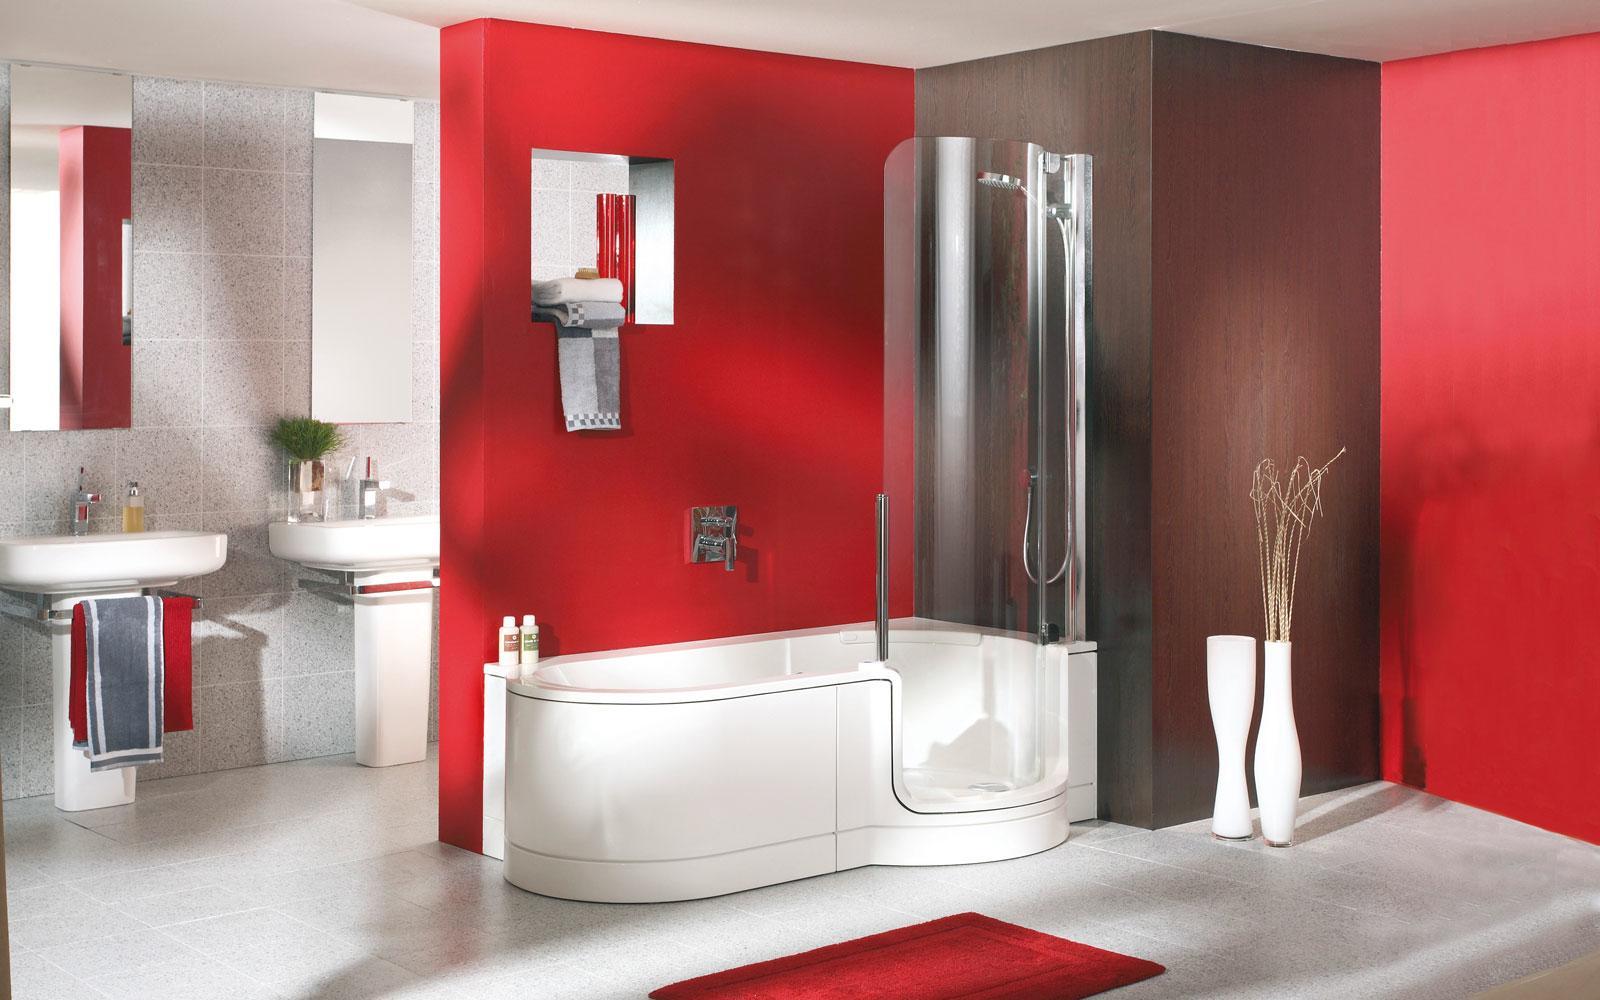 Duschbadewanne mit Tuer | Stübler| Eislingen (Göppingen)